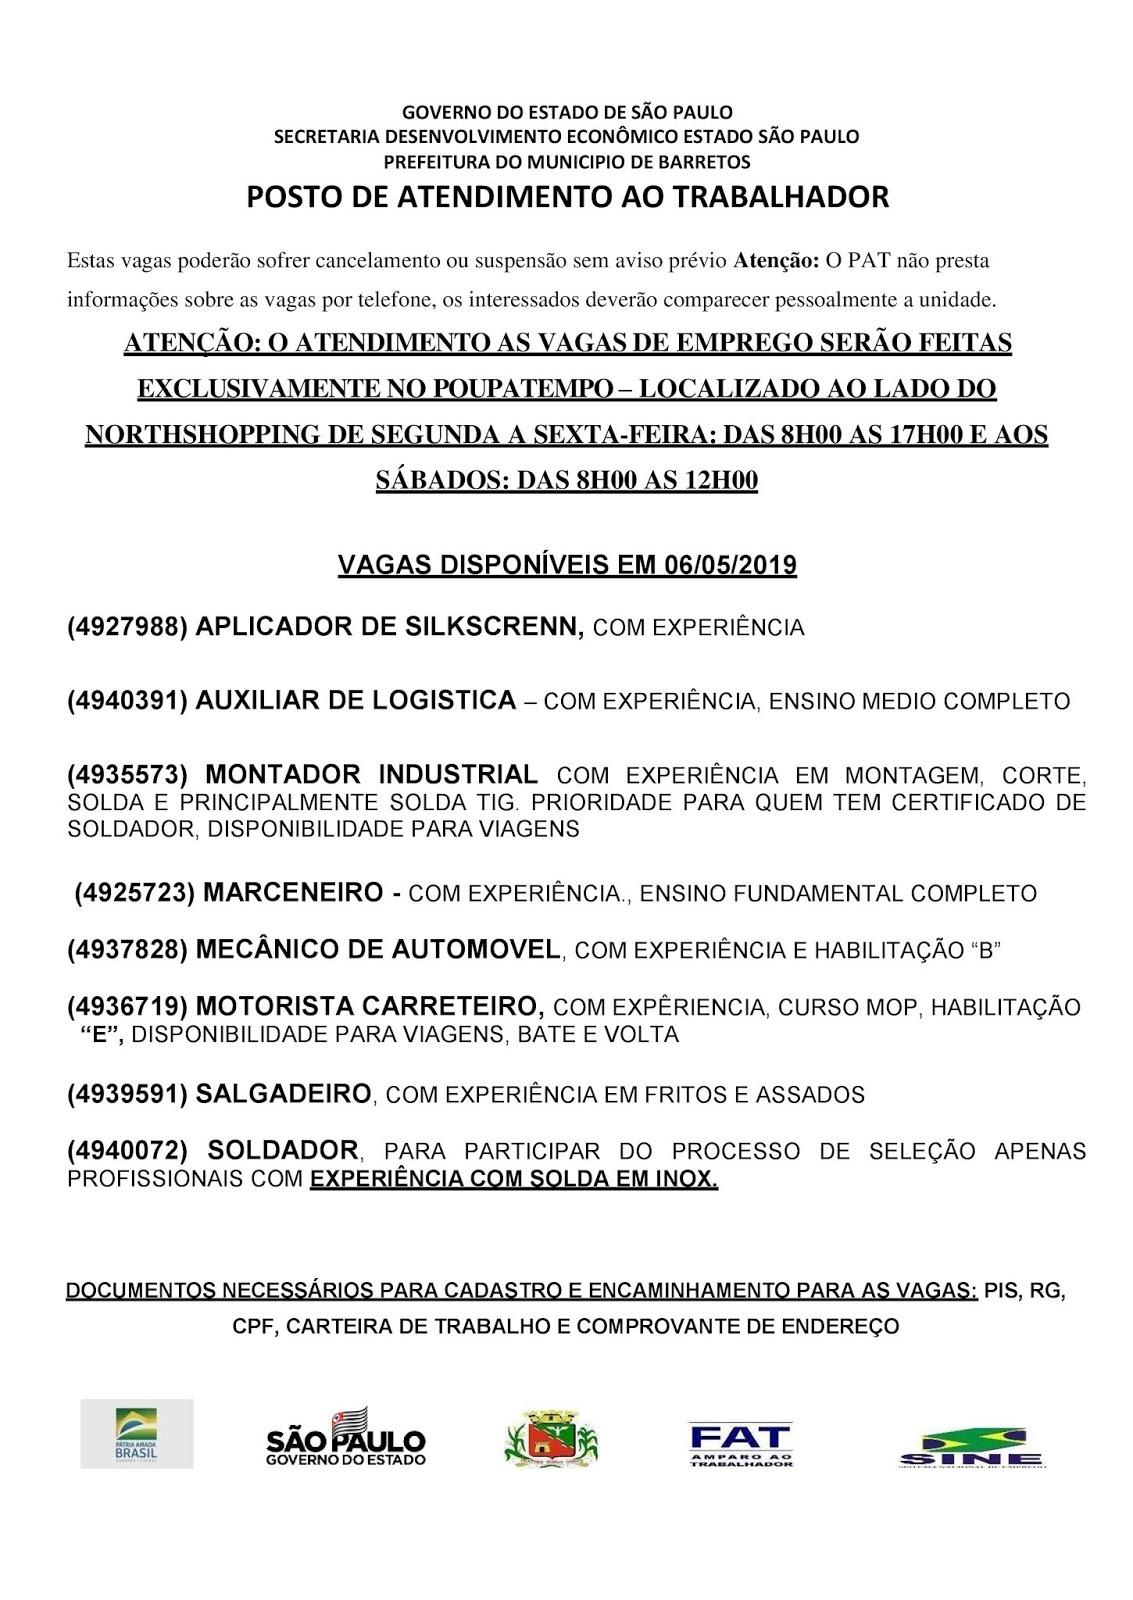 VAGAS DE EMPREGO DO PAT BARRETOS-SP PARA 06/05/2019 SEGUNDA-FEIRA